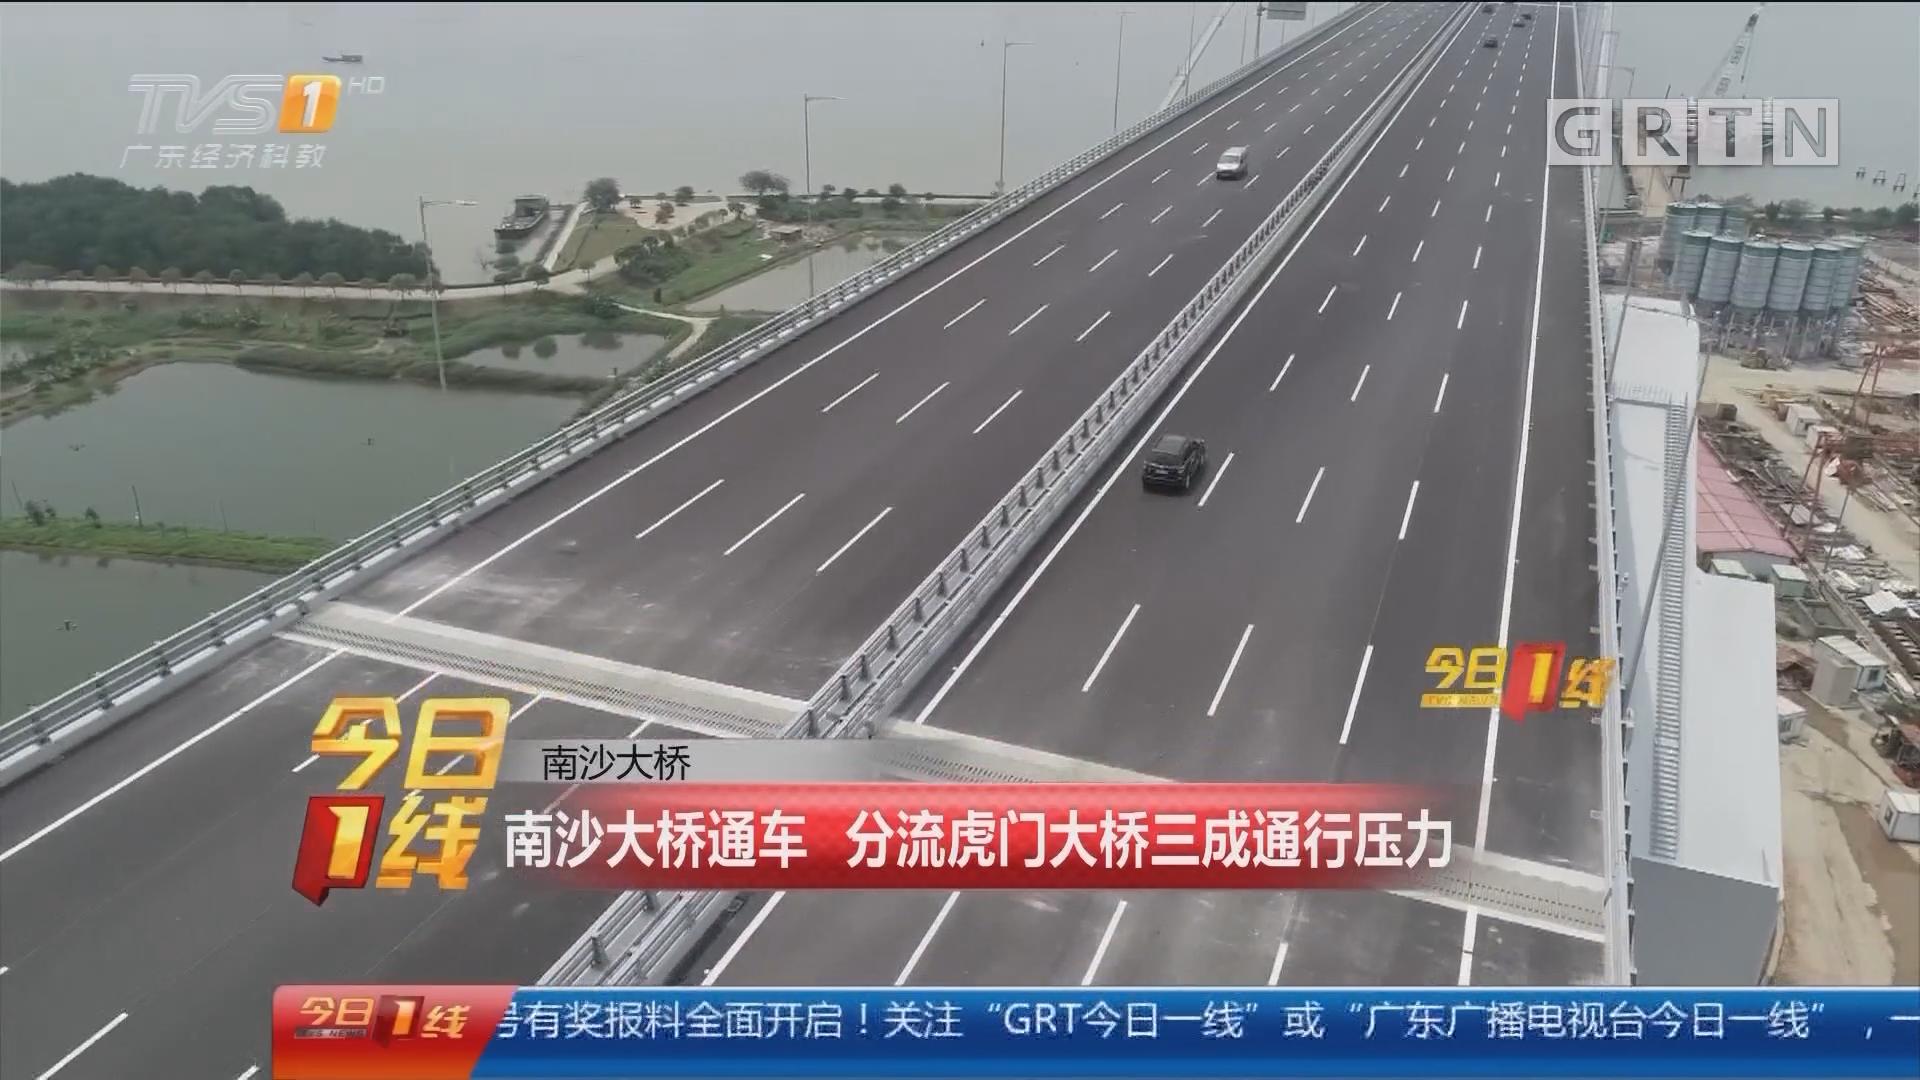 南沙大桥:南沙大桥通车 分流虎门大桥三成通行压力